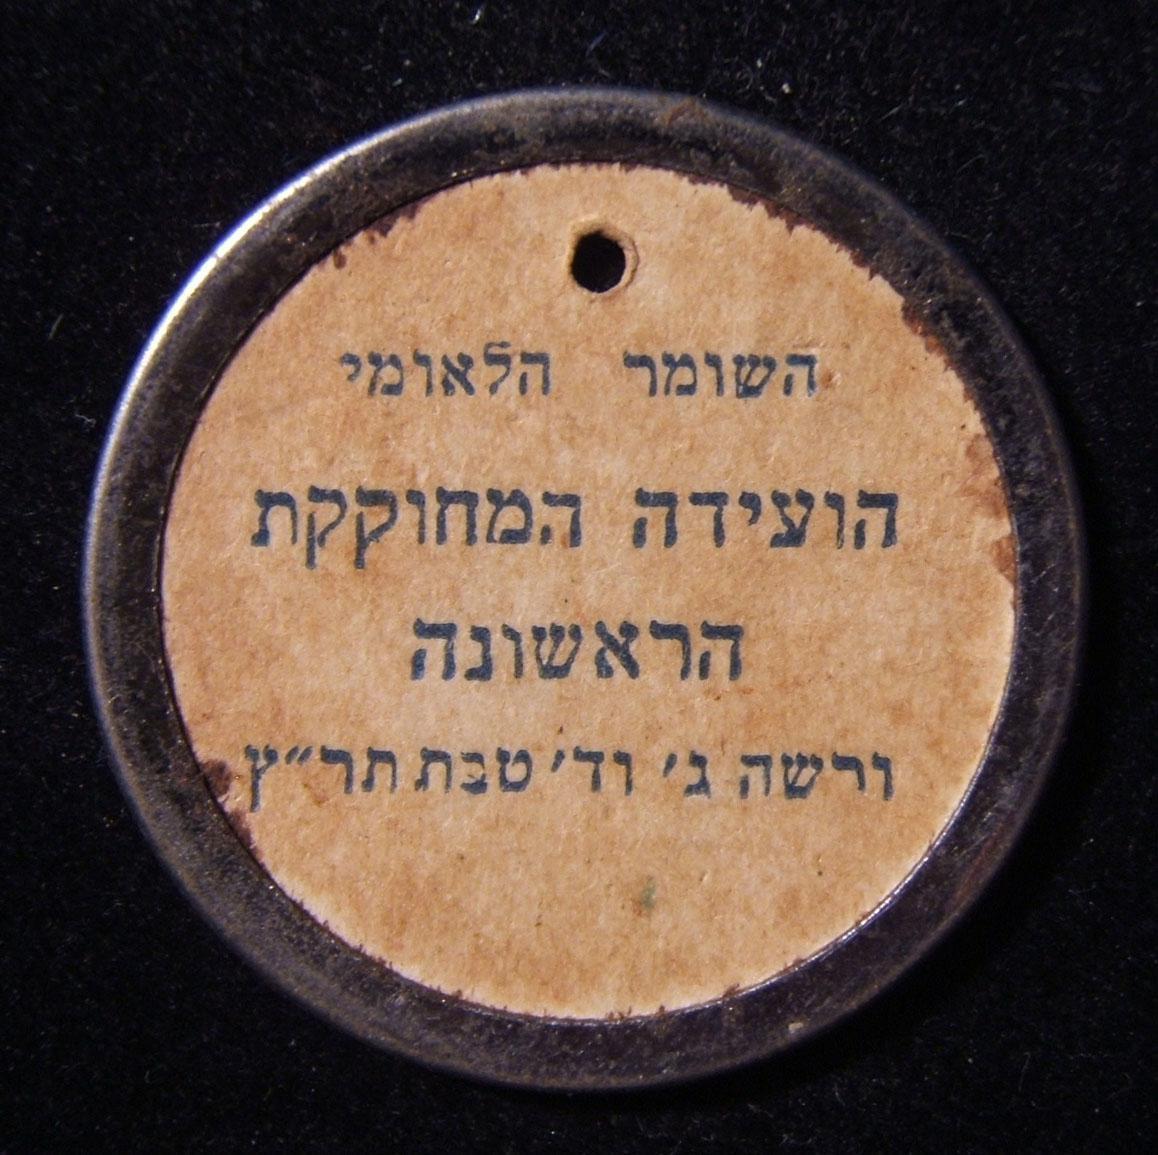 بولندية يهودية HaShomer HaLeumi الحركة الصهيونية الحركة الصغرى في مؤتمر 1930